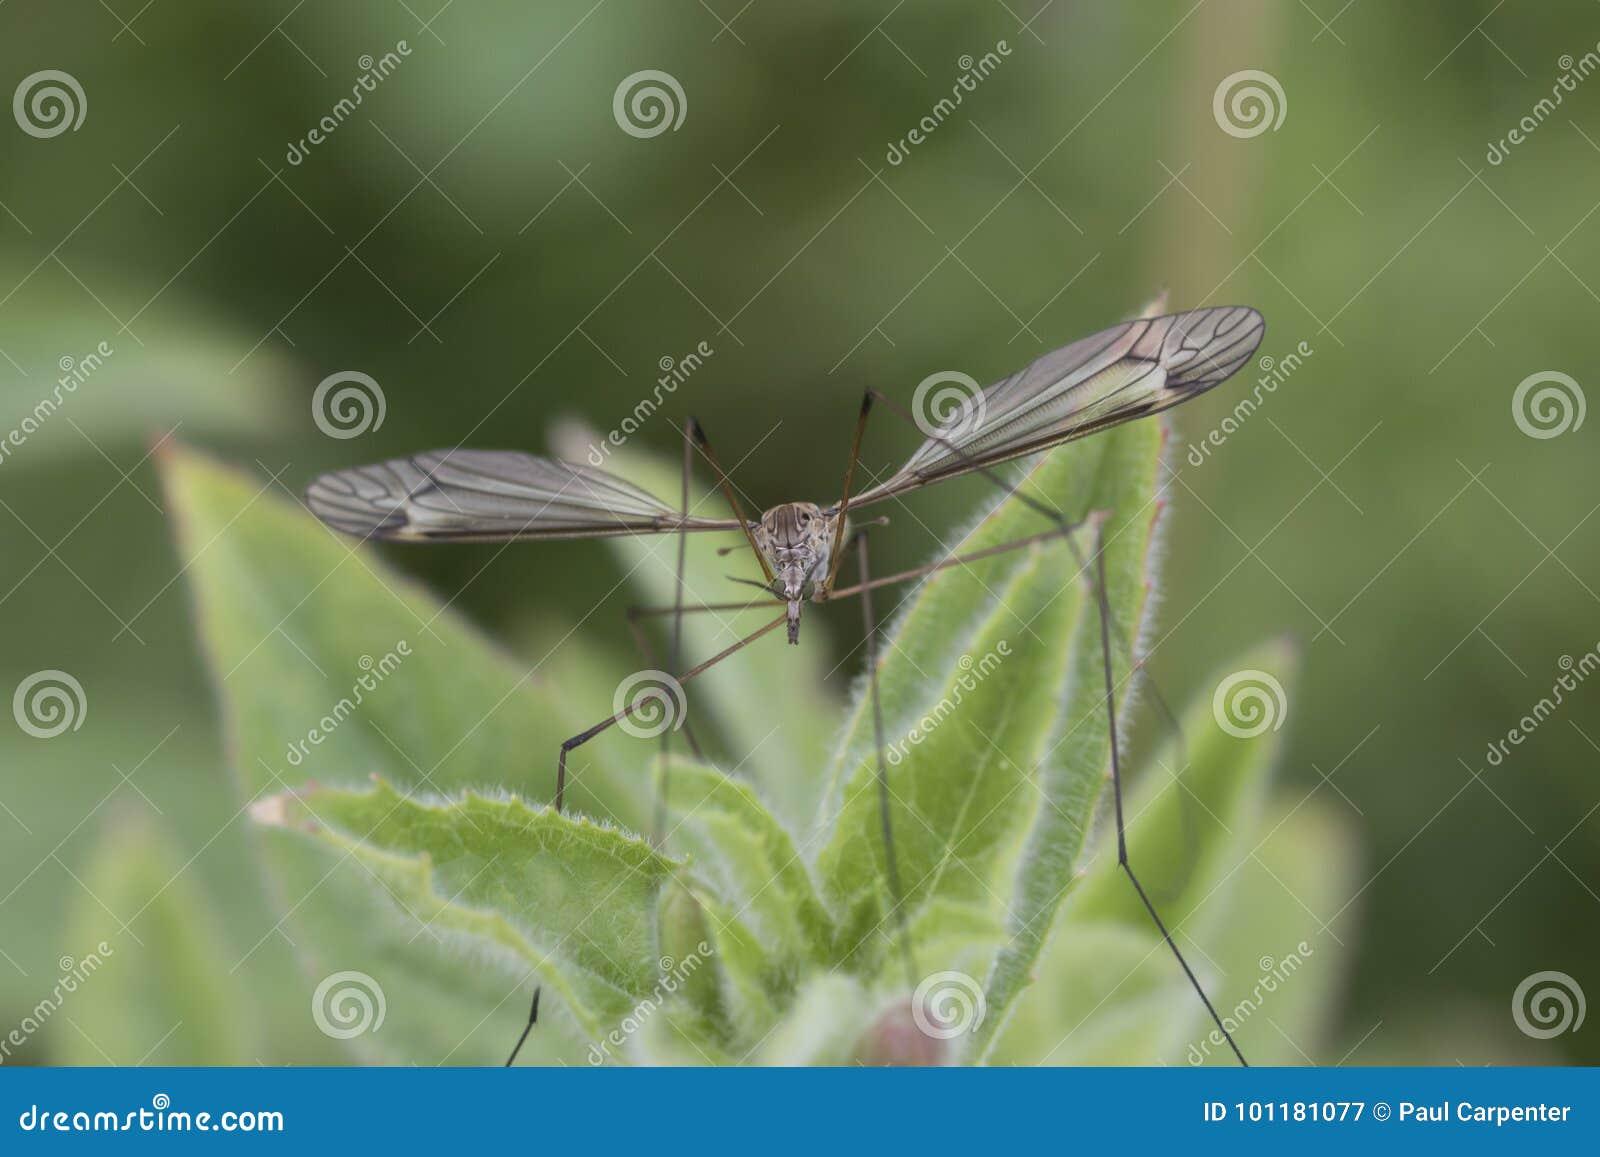 Des Tigers Porträt cranefly